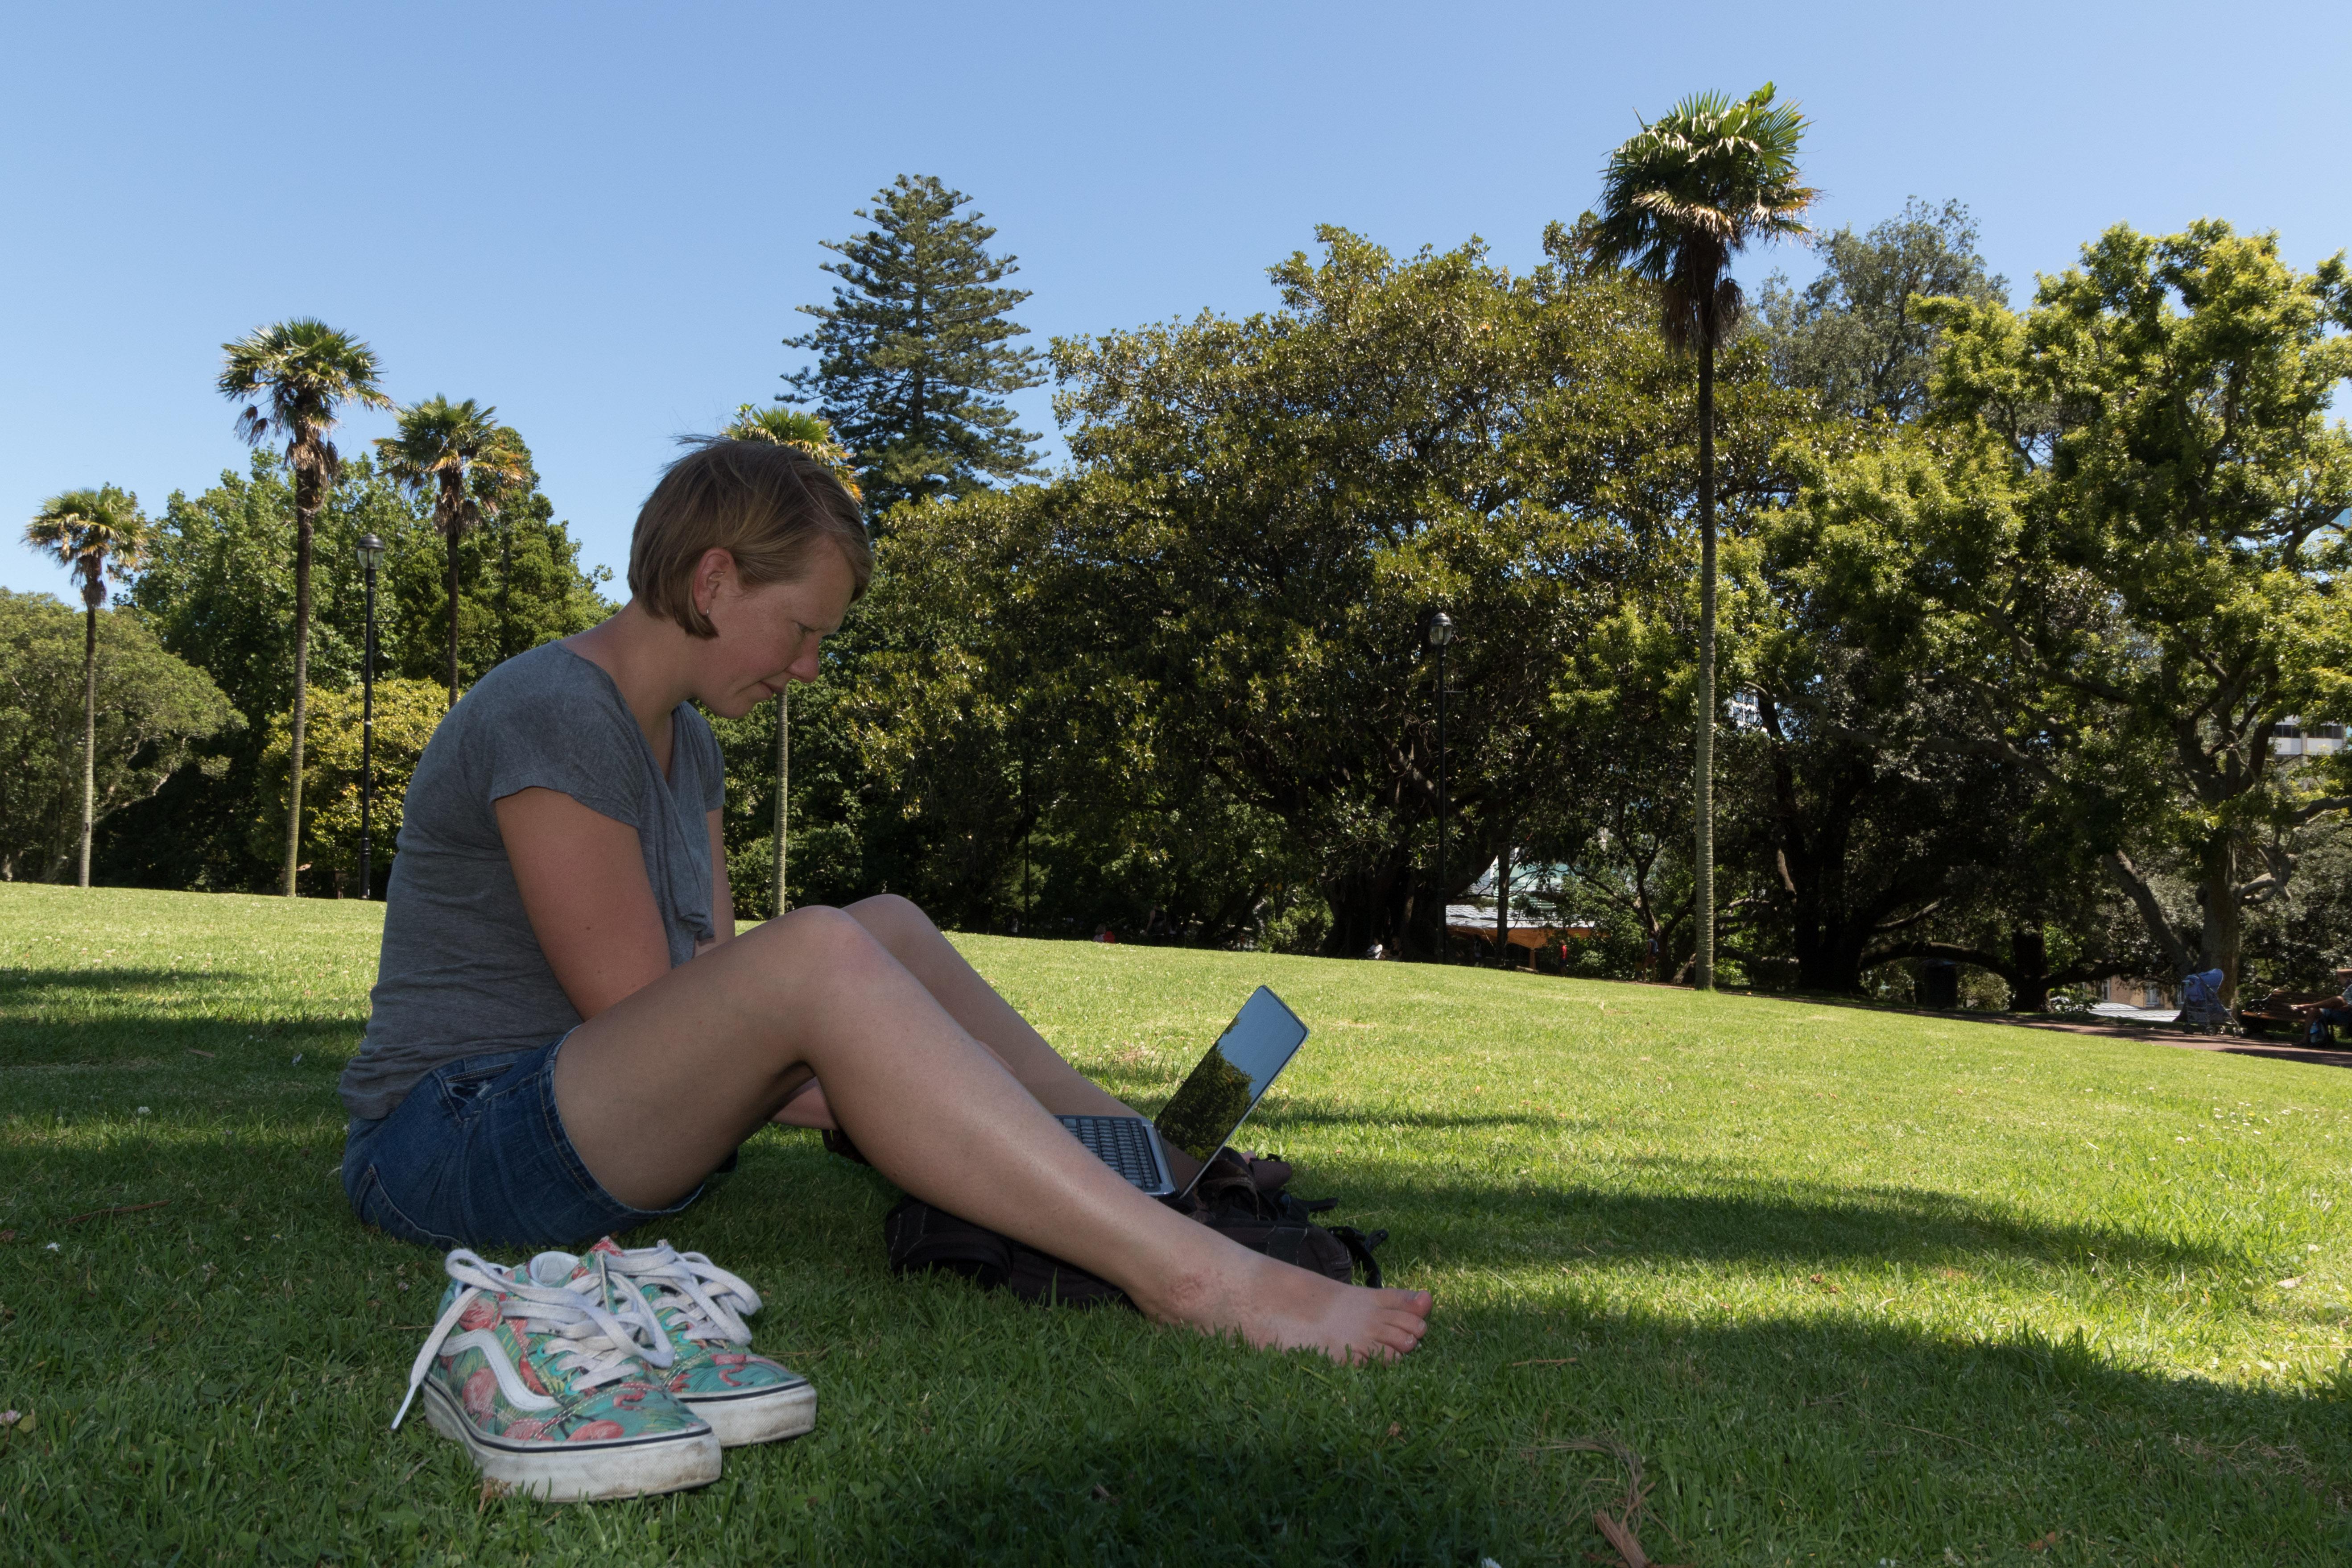 Yvonderweg - Vanzelf gaat het niet - Yvonne laptop Albertpark Auckland